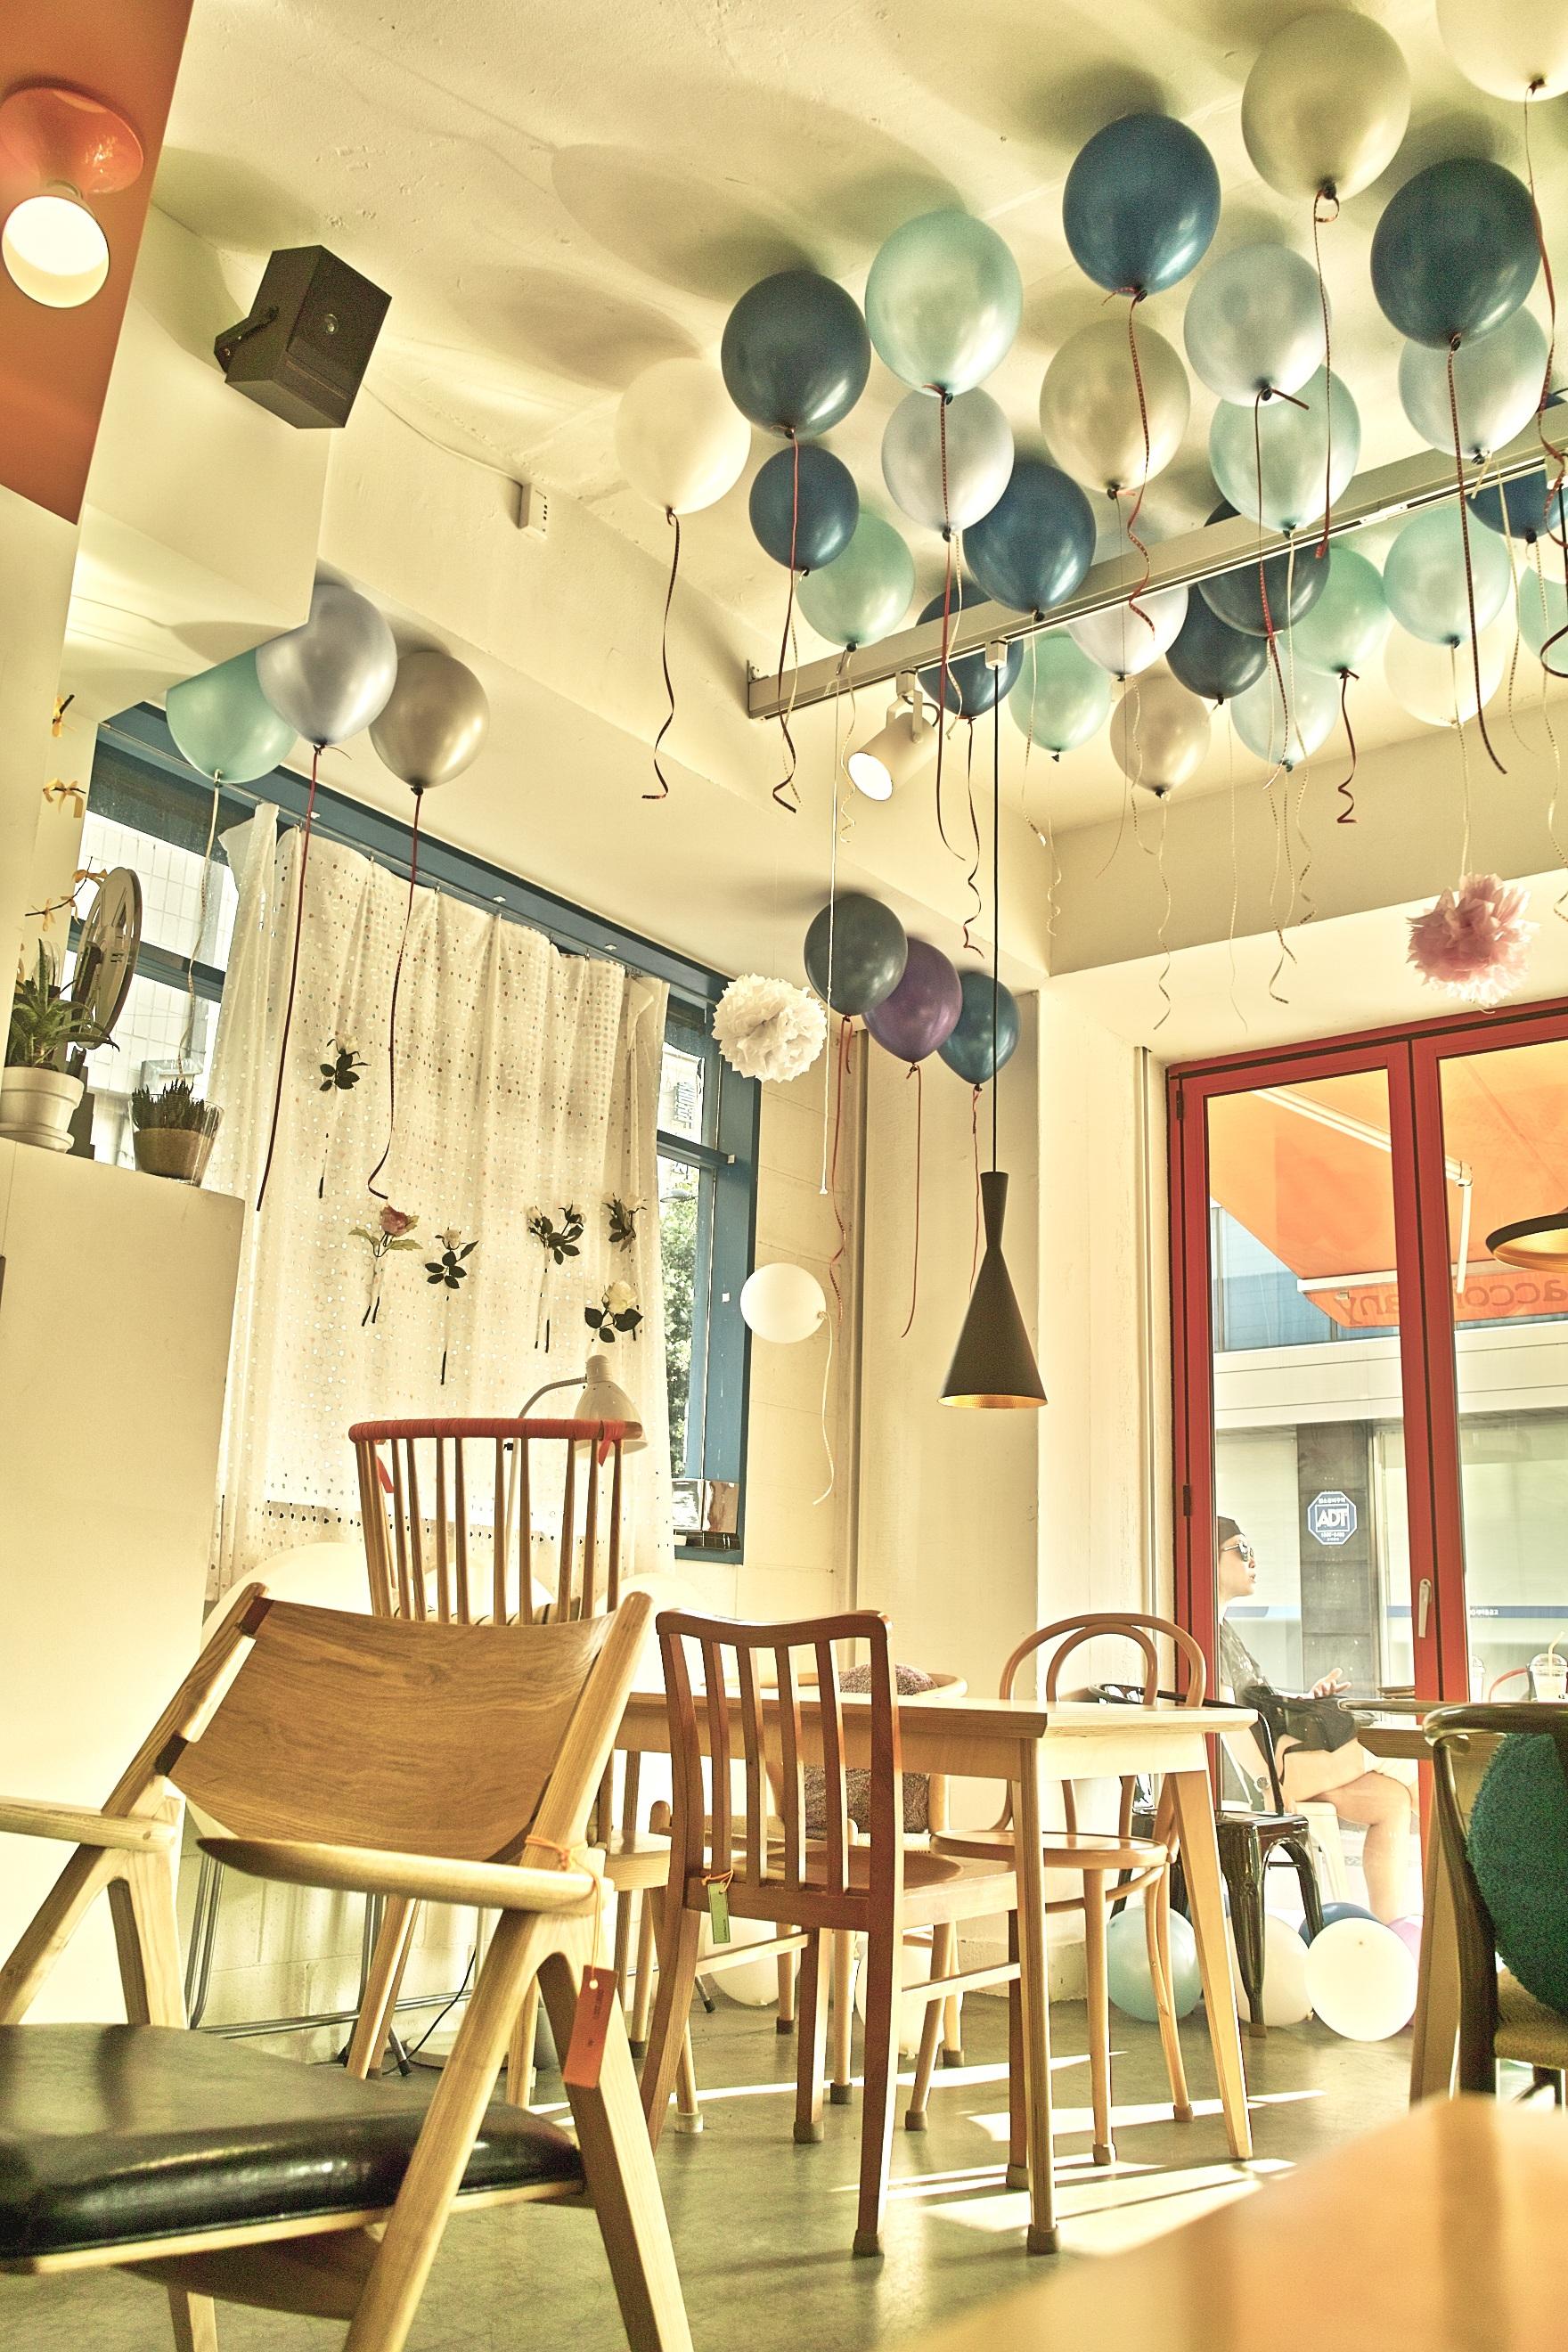 무료 이미지 : 표, 카페, 내부, 풍선, 레스토랑, 천장, 거실, 방 ...